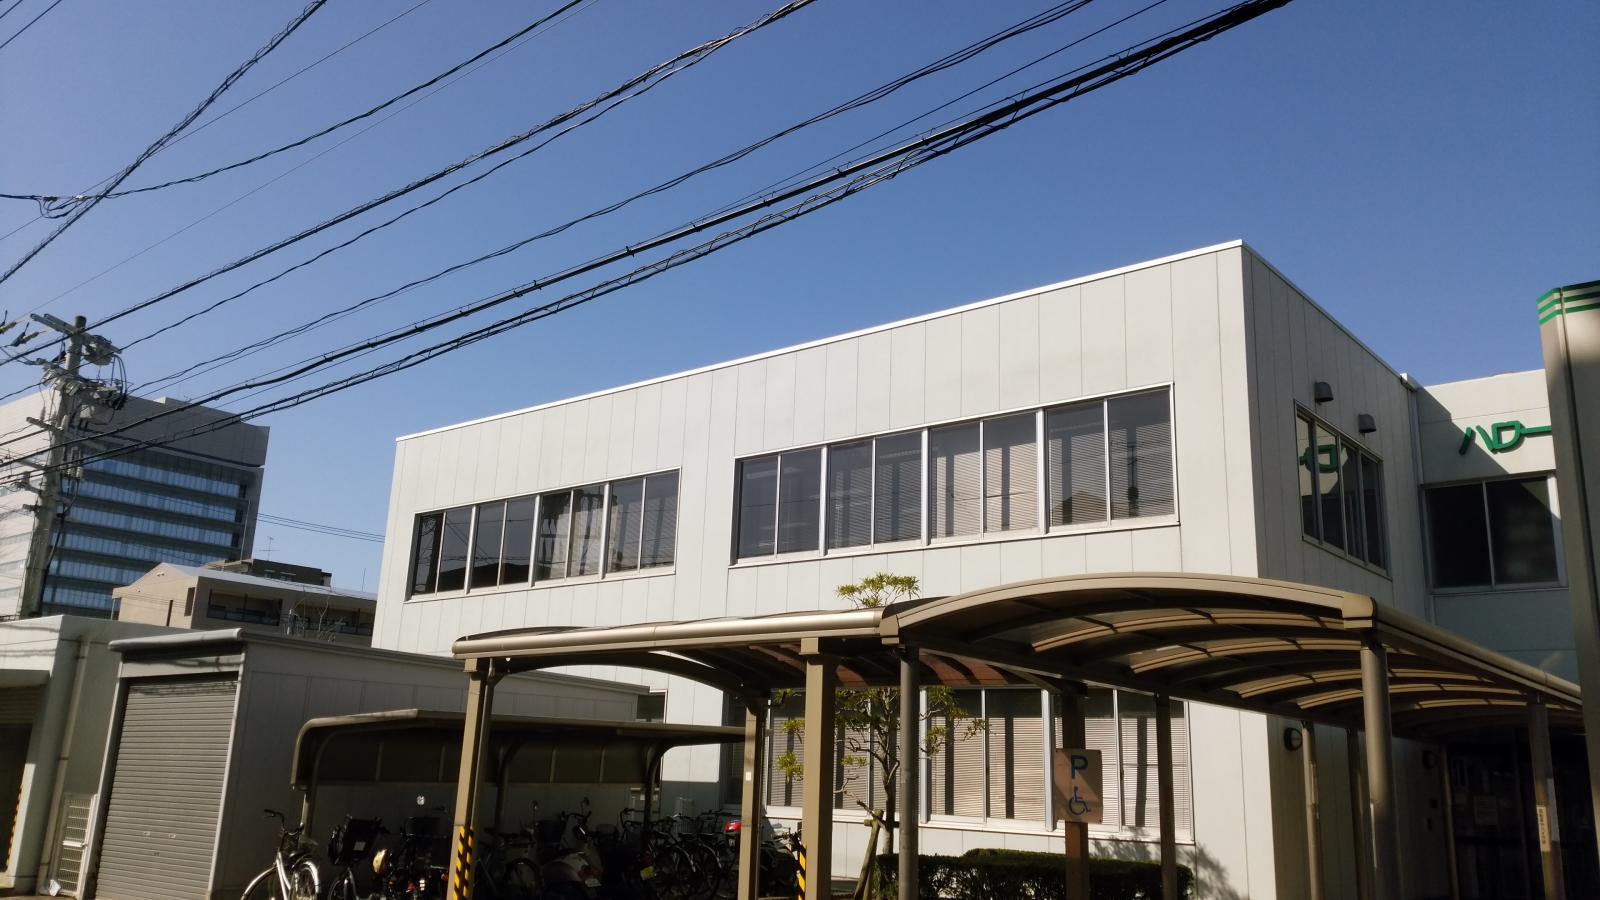 ハローワーク福岡西の建物外観。